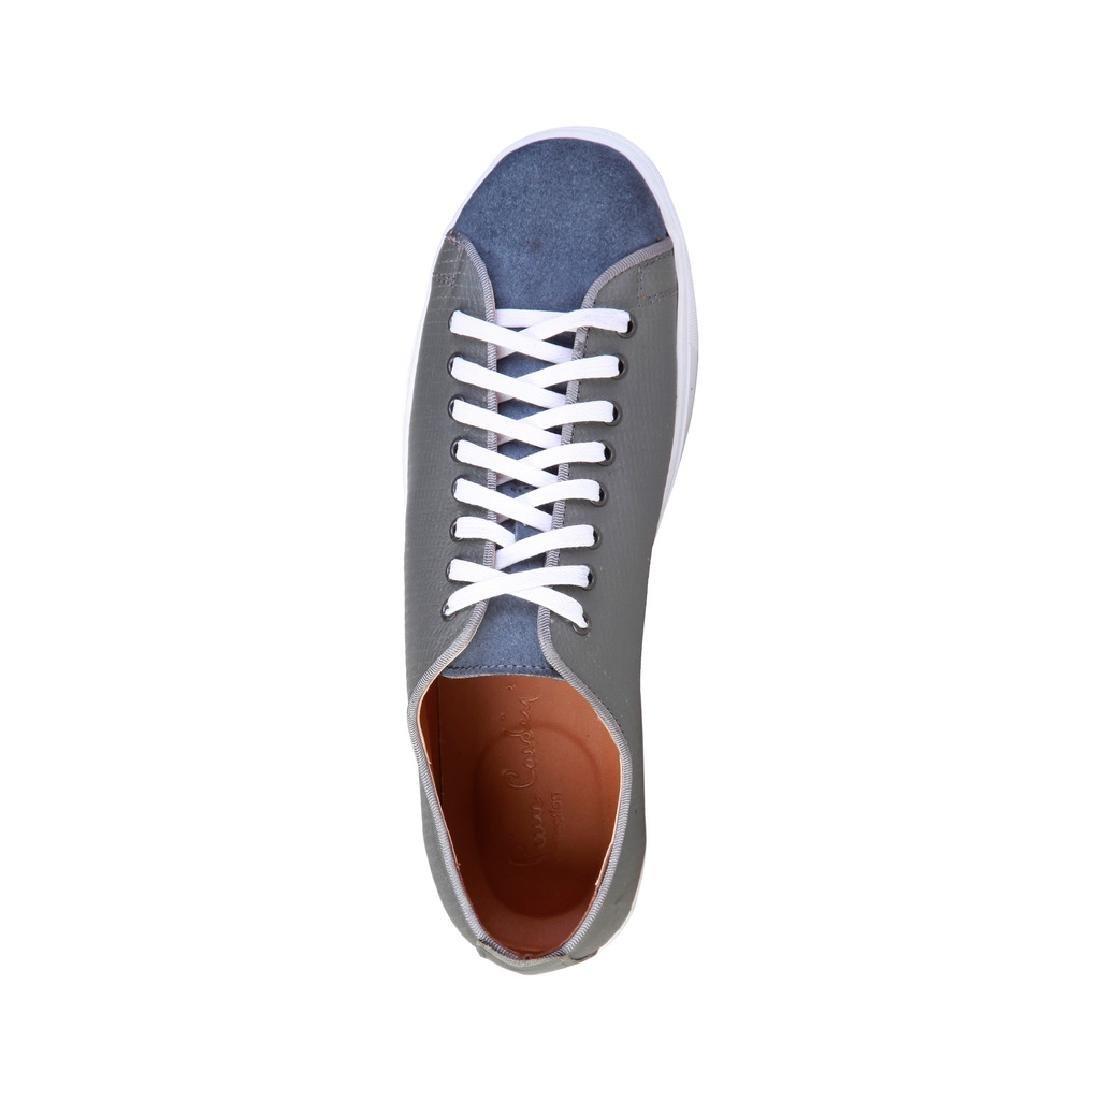 Men's Pierre Cardin Sneakers Shoes US 9 - 5